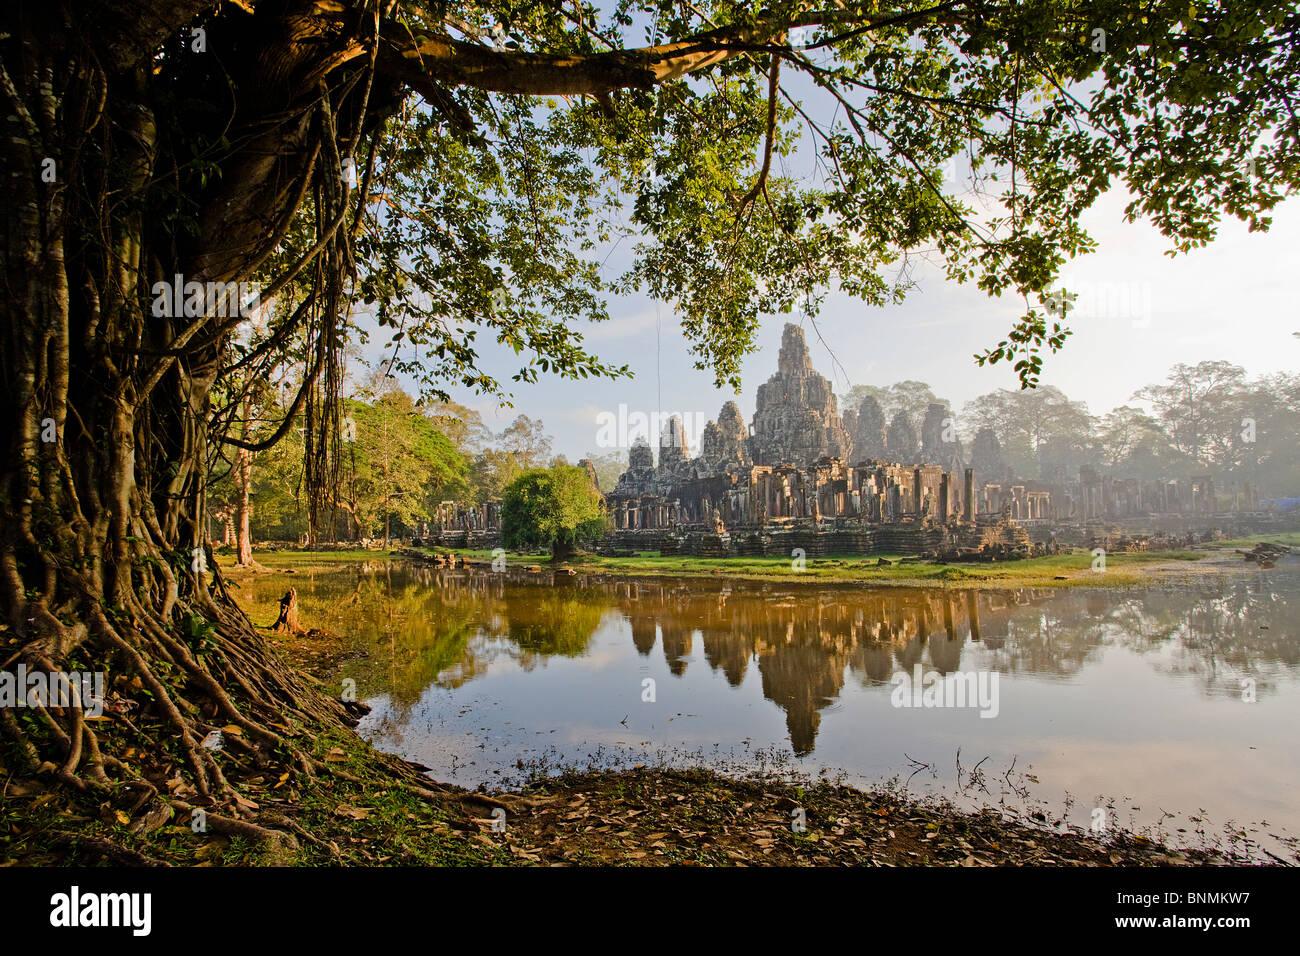 Camboya Asia Oriental Budismo templo Angkor Thom religión sitio cultural La cultura figuras de piedra cifras patrimonio Foto de stock